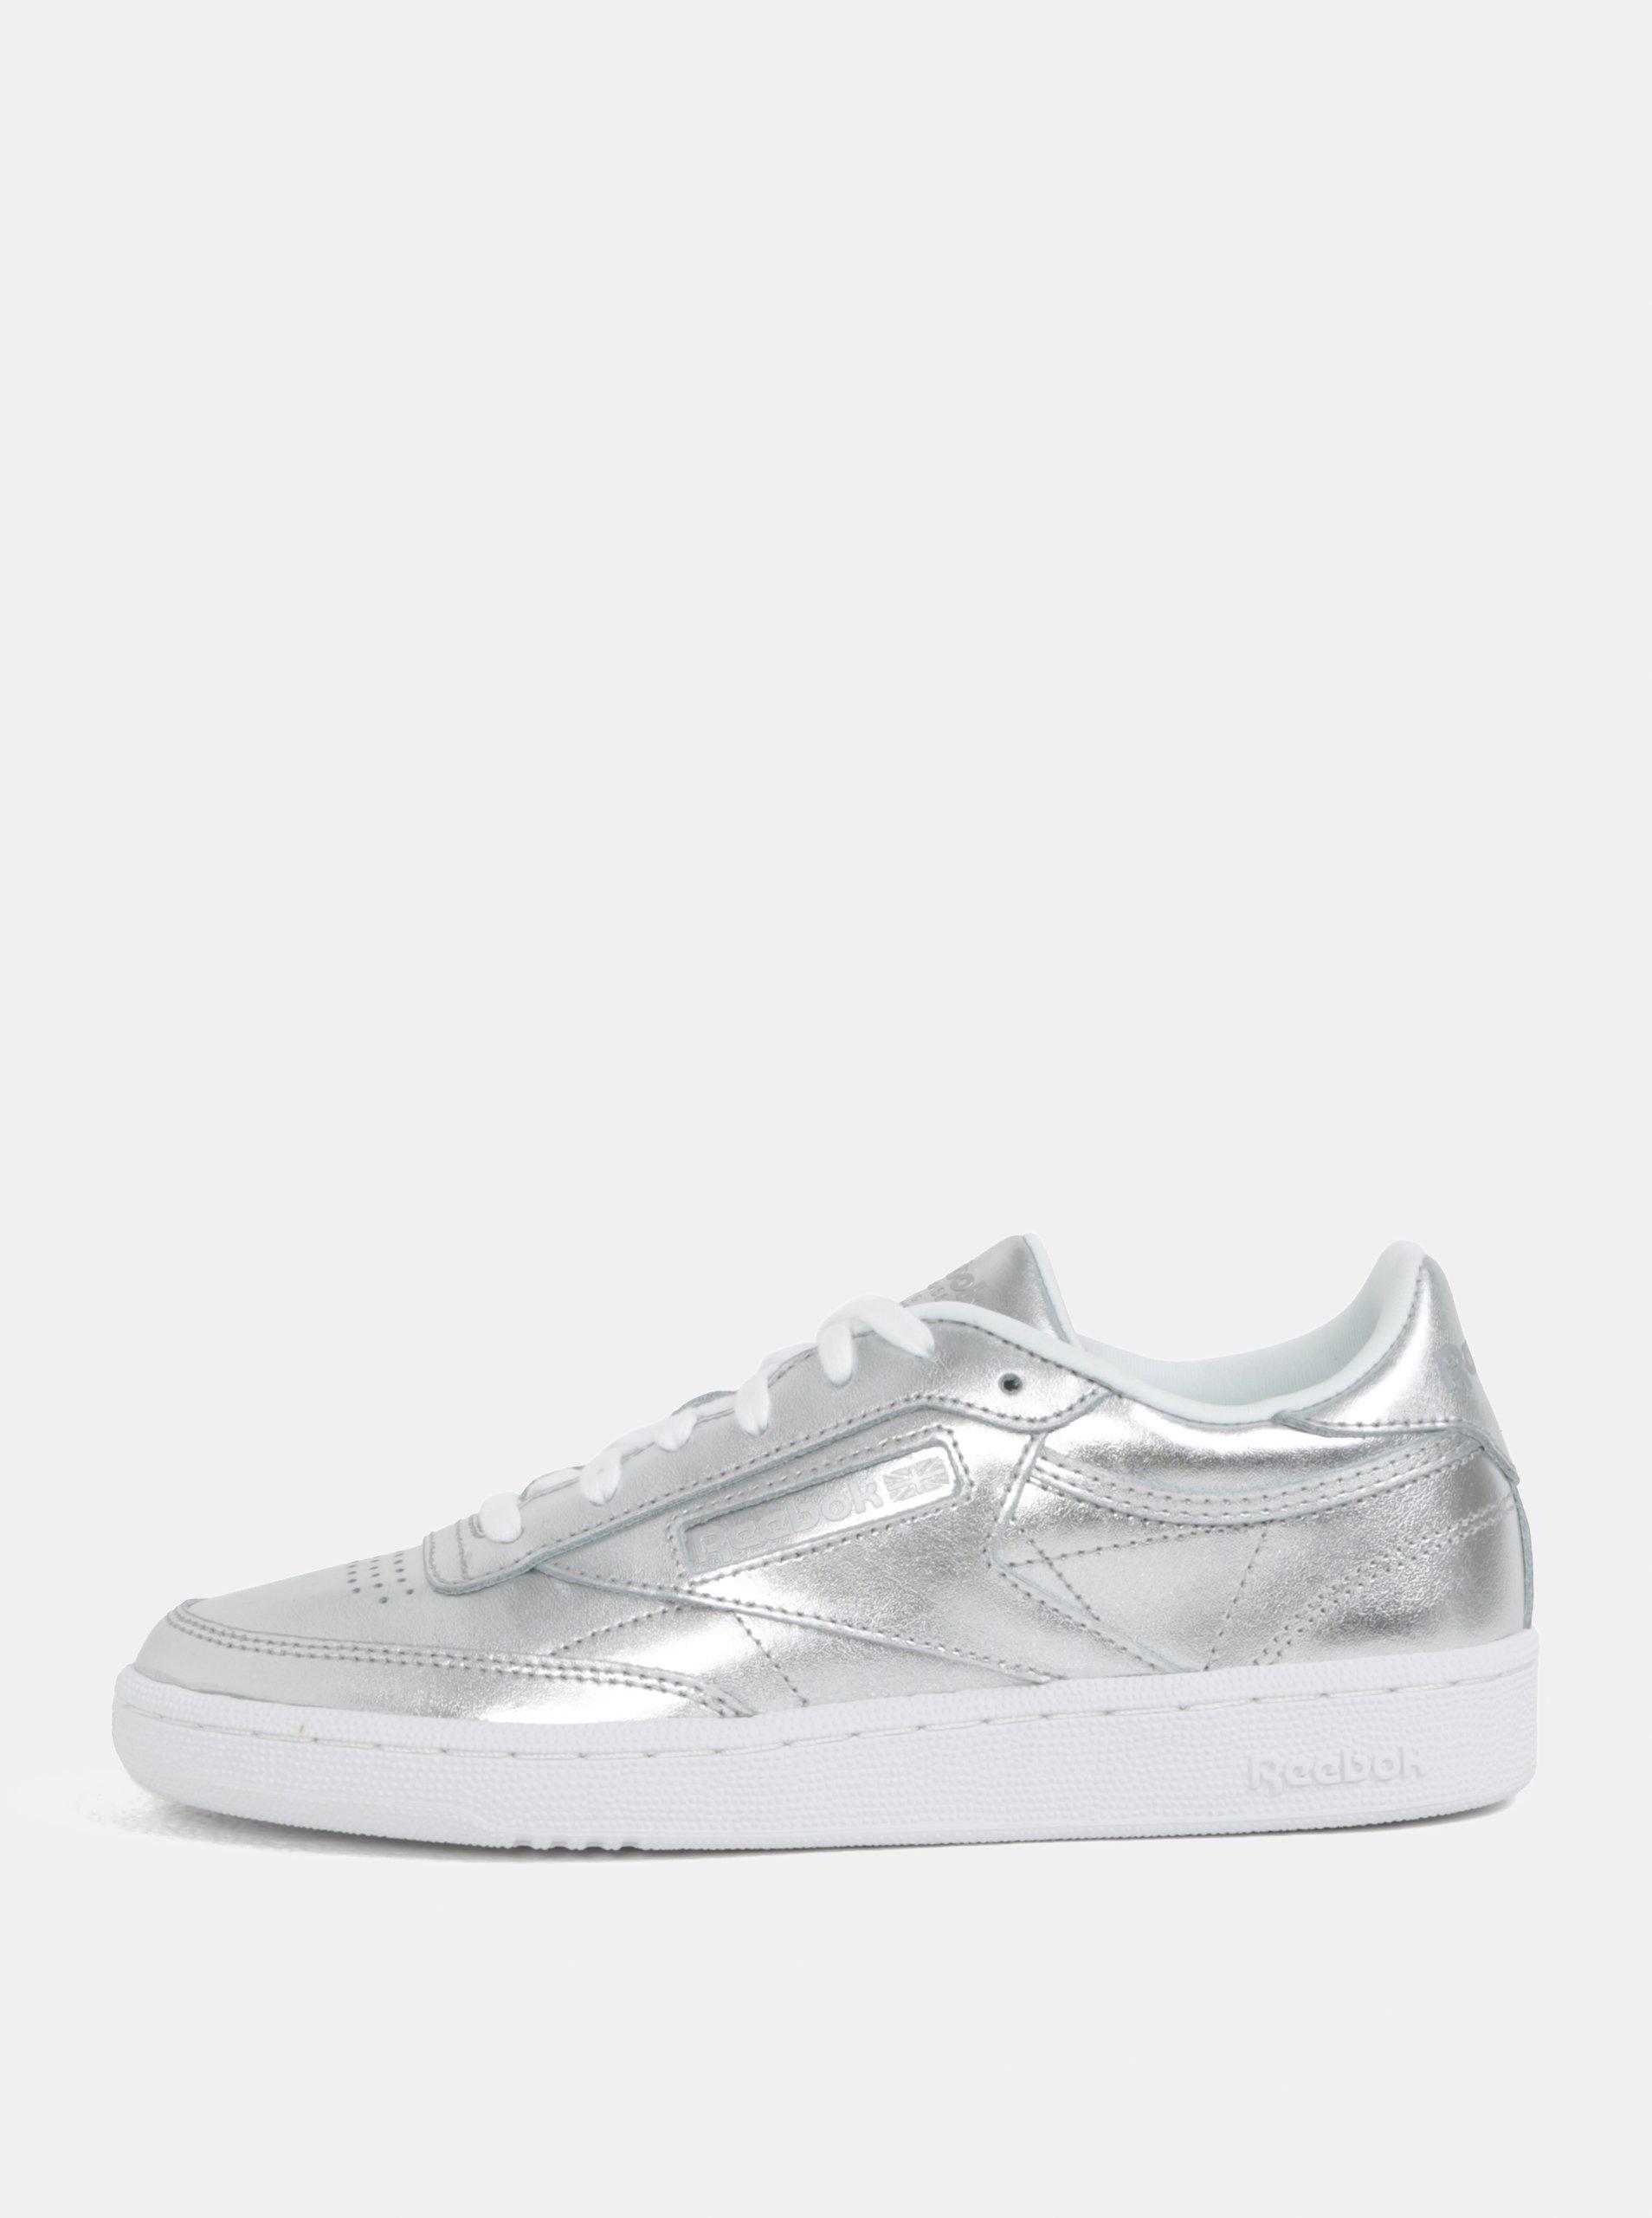 Dámské kožené tenisky ve stříbrné barvě Reebok Club C 85 473a7c2767c